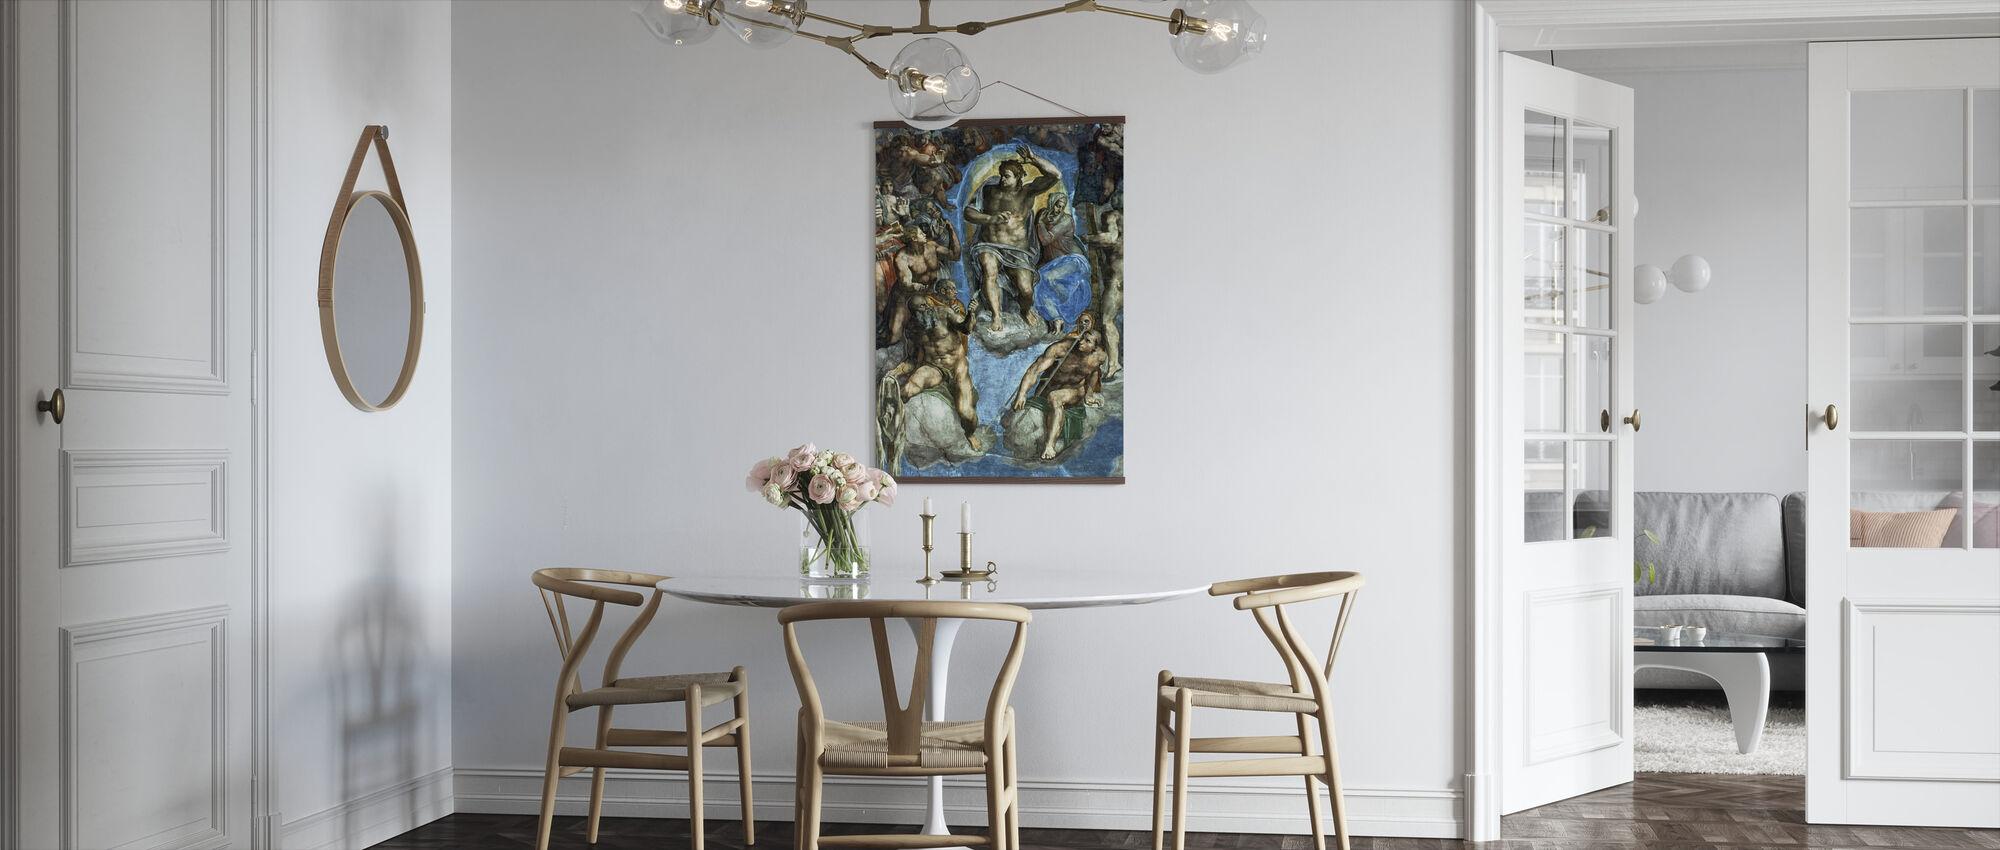 Laatste Oordeel - Michelangelo Buonarroti - Poster - Keuken